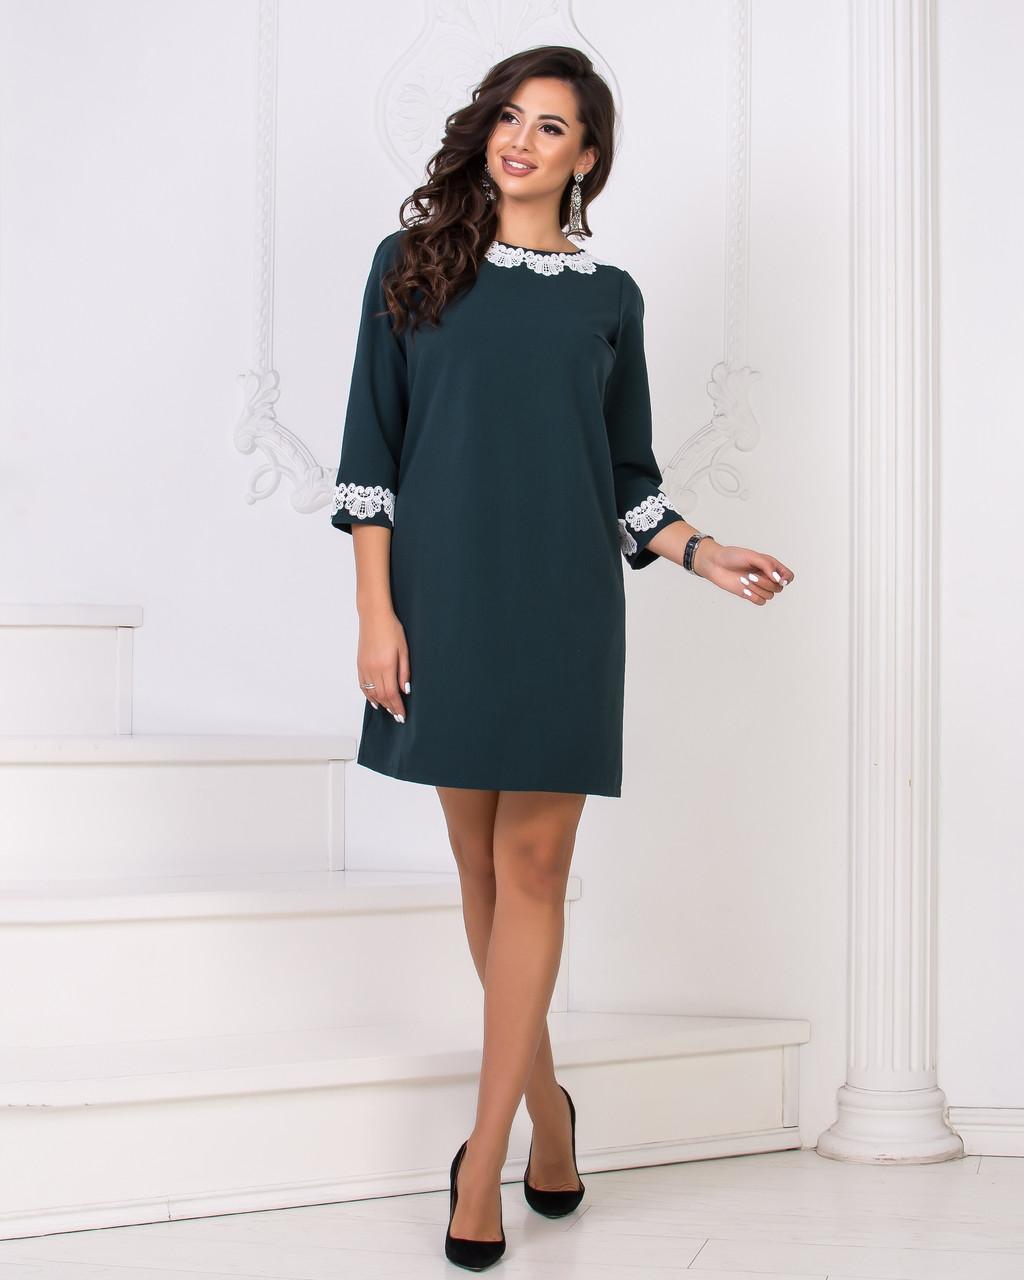 8634e3c7c62 Класическое женское платья с белым воротником - Интернет-магазин одежды